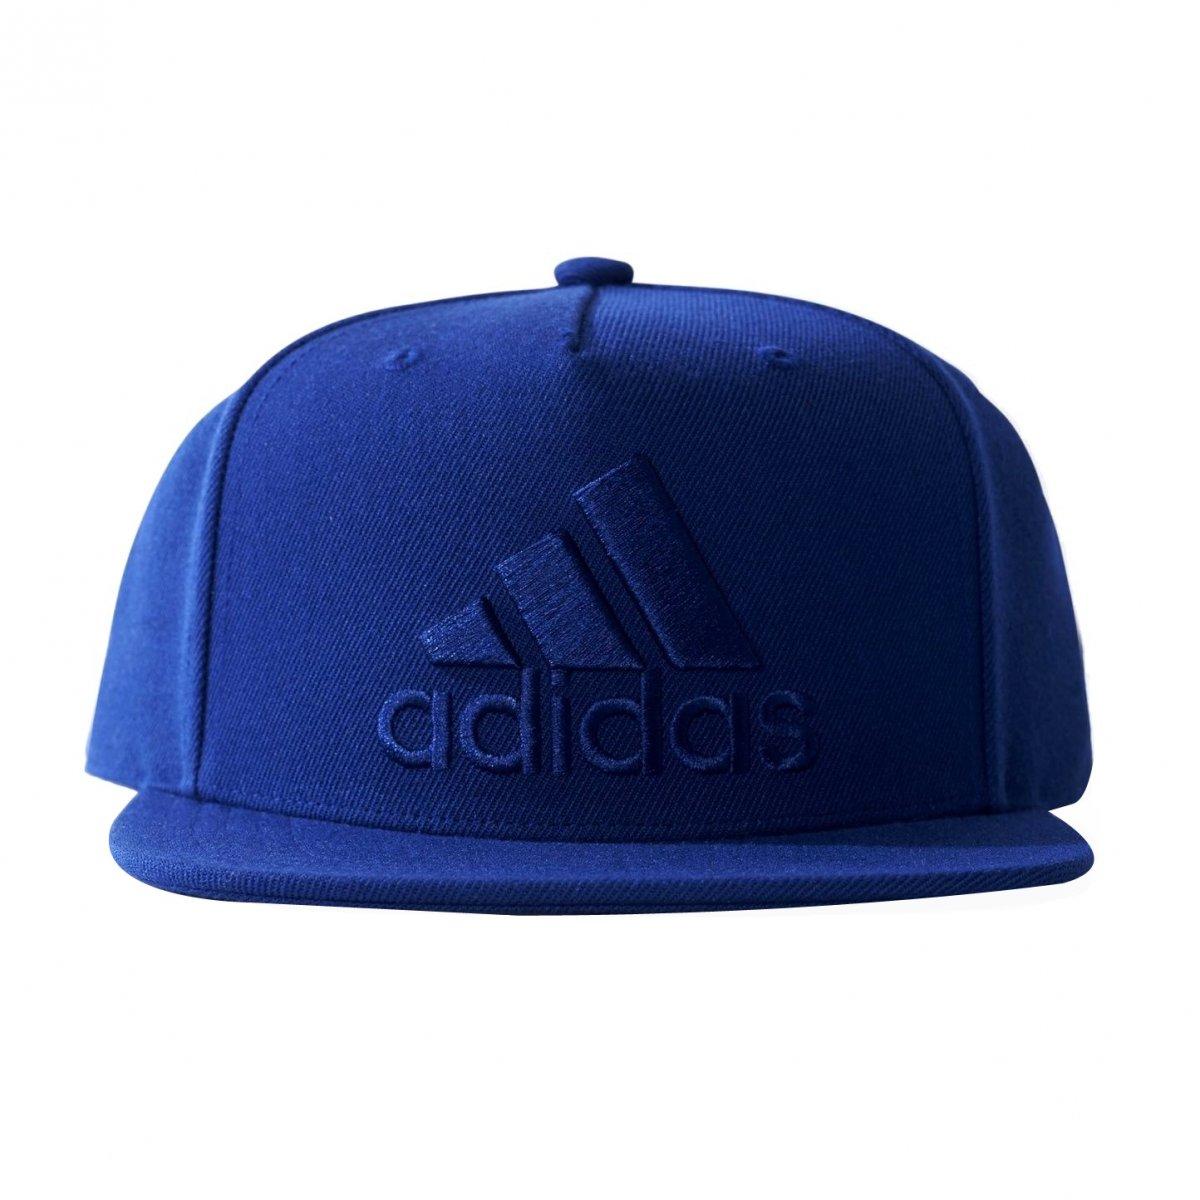 Boné Adidas Aba Reta Flat Cap Logo BQ7339 - Azul - Calçados Online ... 94a0e91d21e08